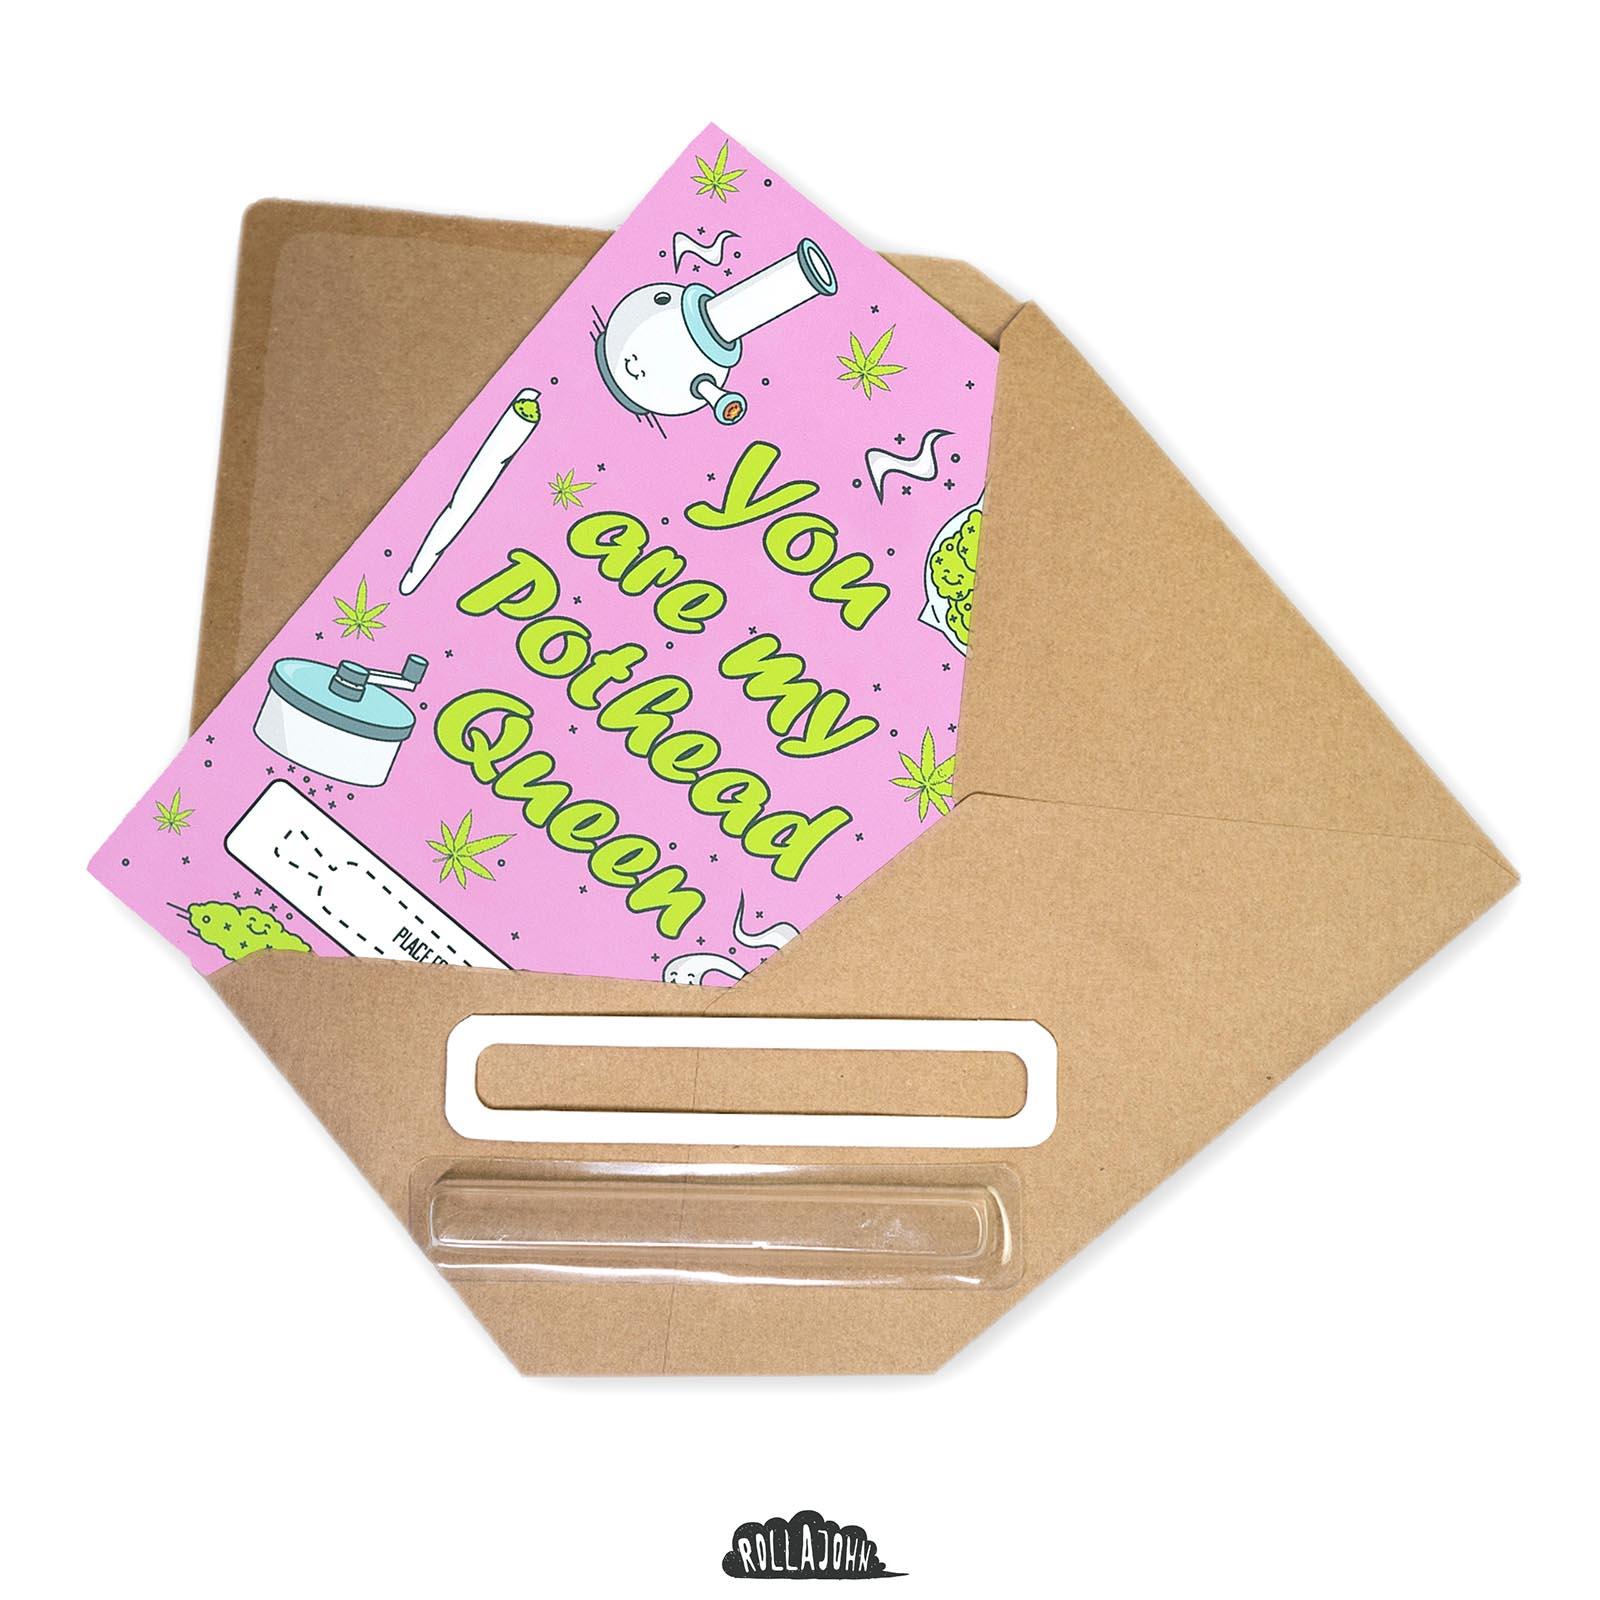 kartka upominkowa w kopercie naturalnej z recyklingu